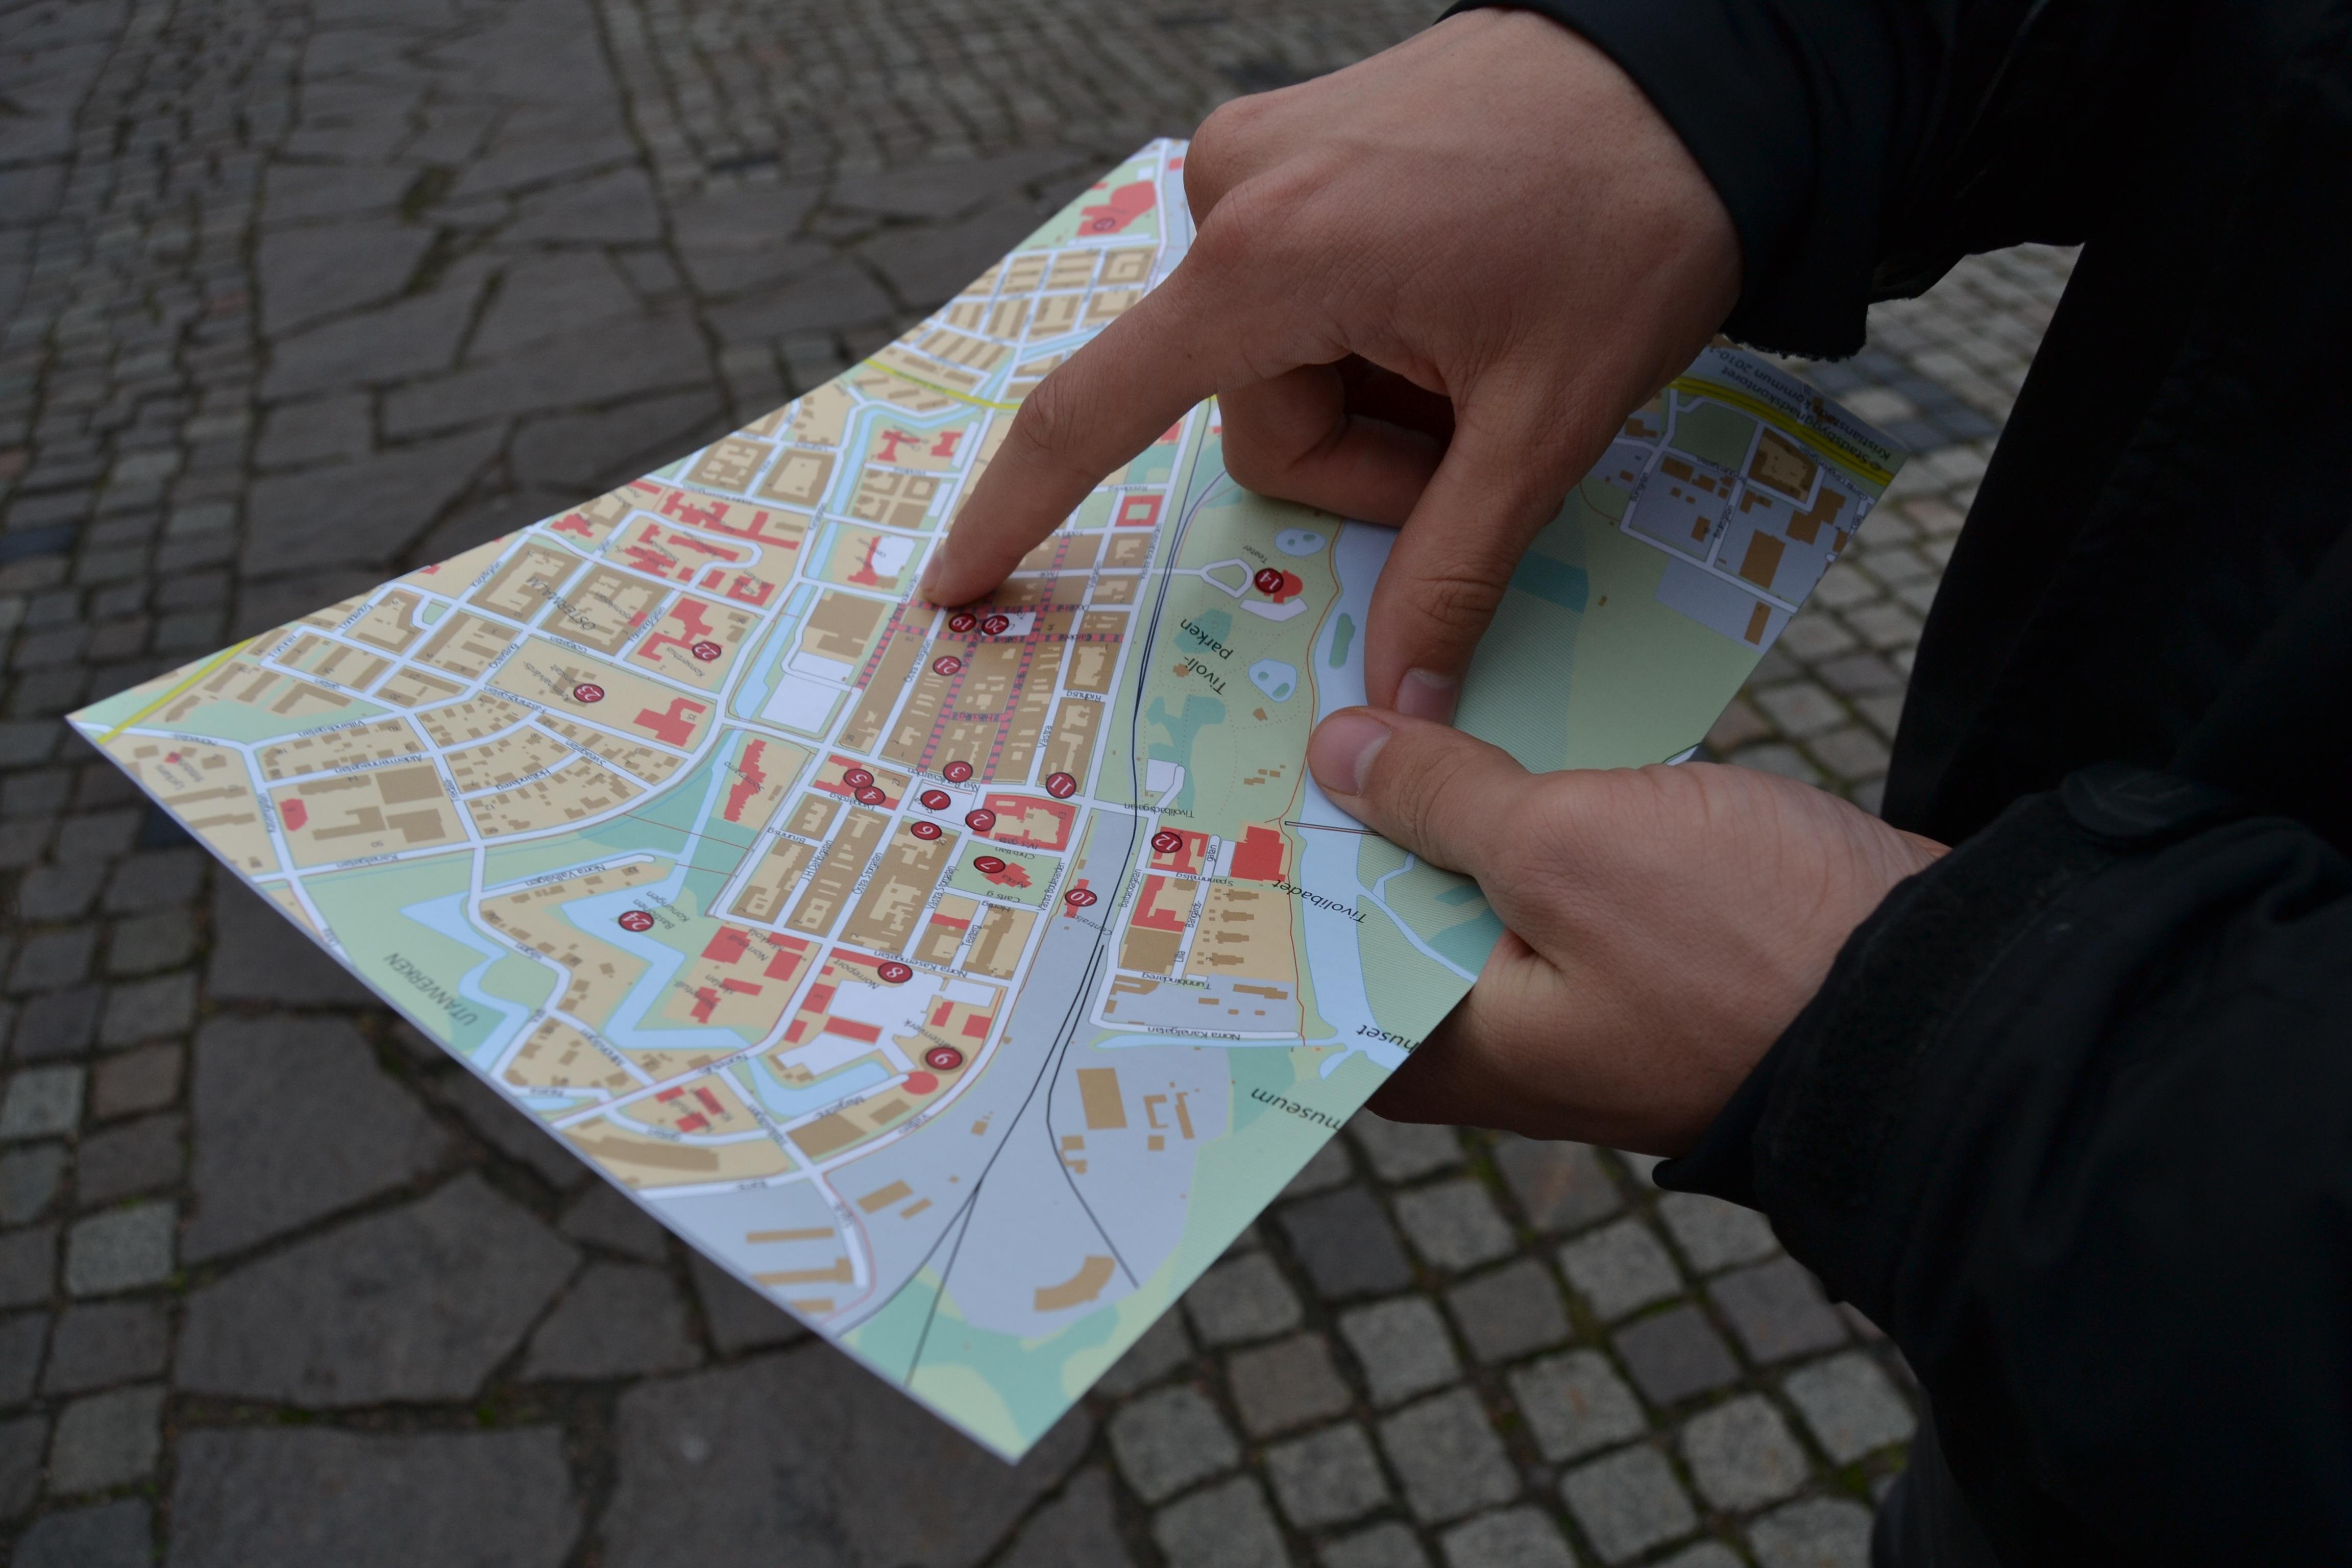 finn vei kart Bildet : skriving, hånd, reise, fotturist, mønster, retning  finn vei kart